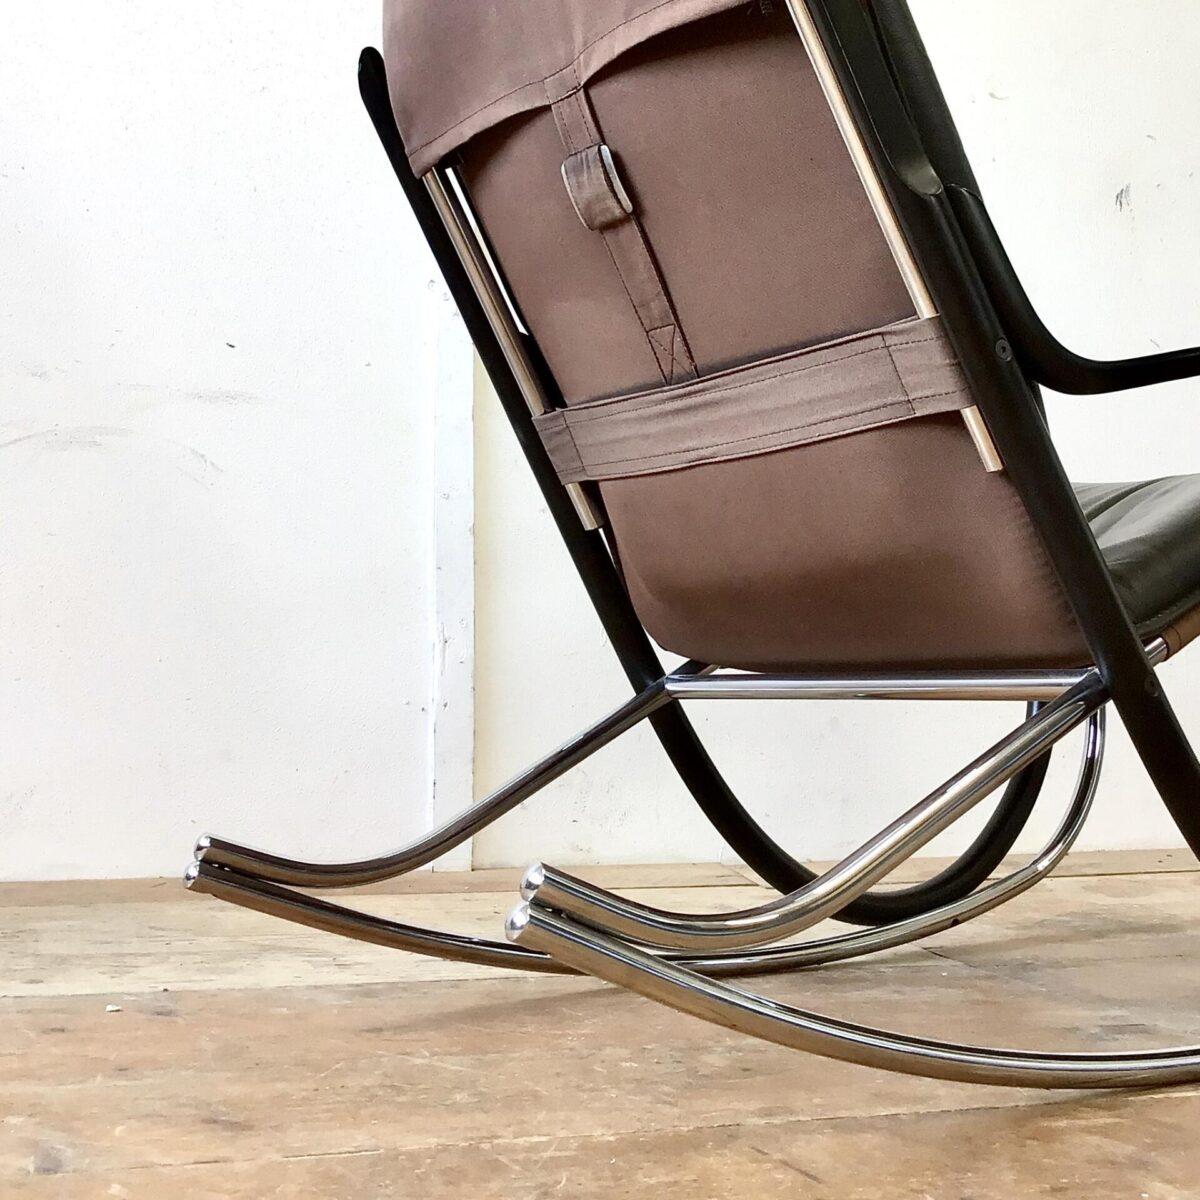 Schweizer Schaukelstuhl mit Hocker von Paul Tuttle für Strässle 70er Jahre. Material schwarzes Leder, Buchenholz lackiert und Metall verchromt. Technisch in einwandfreiem Stabilen Zustand. Sitzhöhe 42cm, Breite 56cm, Tiefe 98cm, Gesamthöhe 94cm. Ein identischer mit braunem, und einer mit rötlichem Leder ist auch noch vorhanden. Das Kopfkissen welches einfach über die Lehne gelegt wird, ist wohl nicht original.